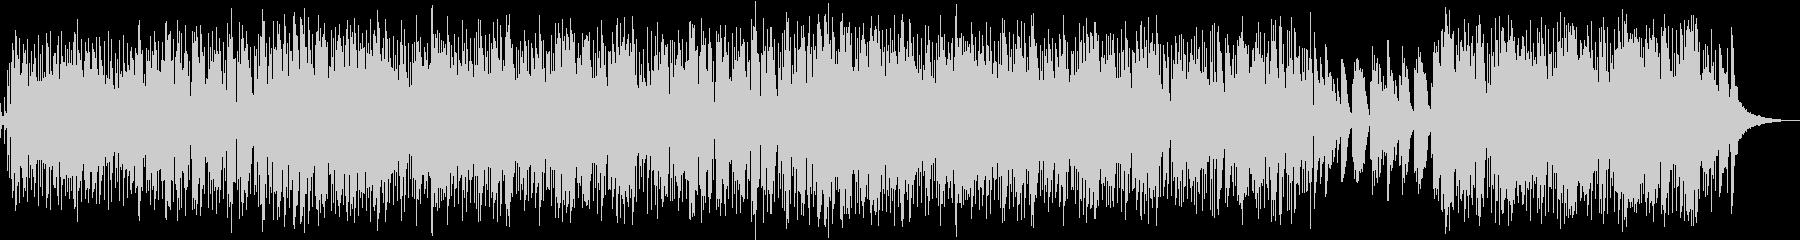 デート中のBGMの未再生の波形